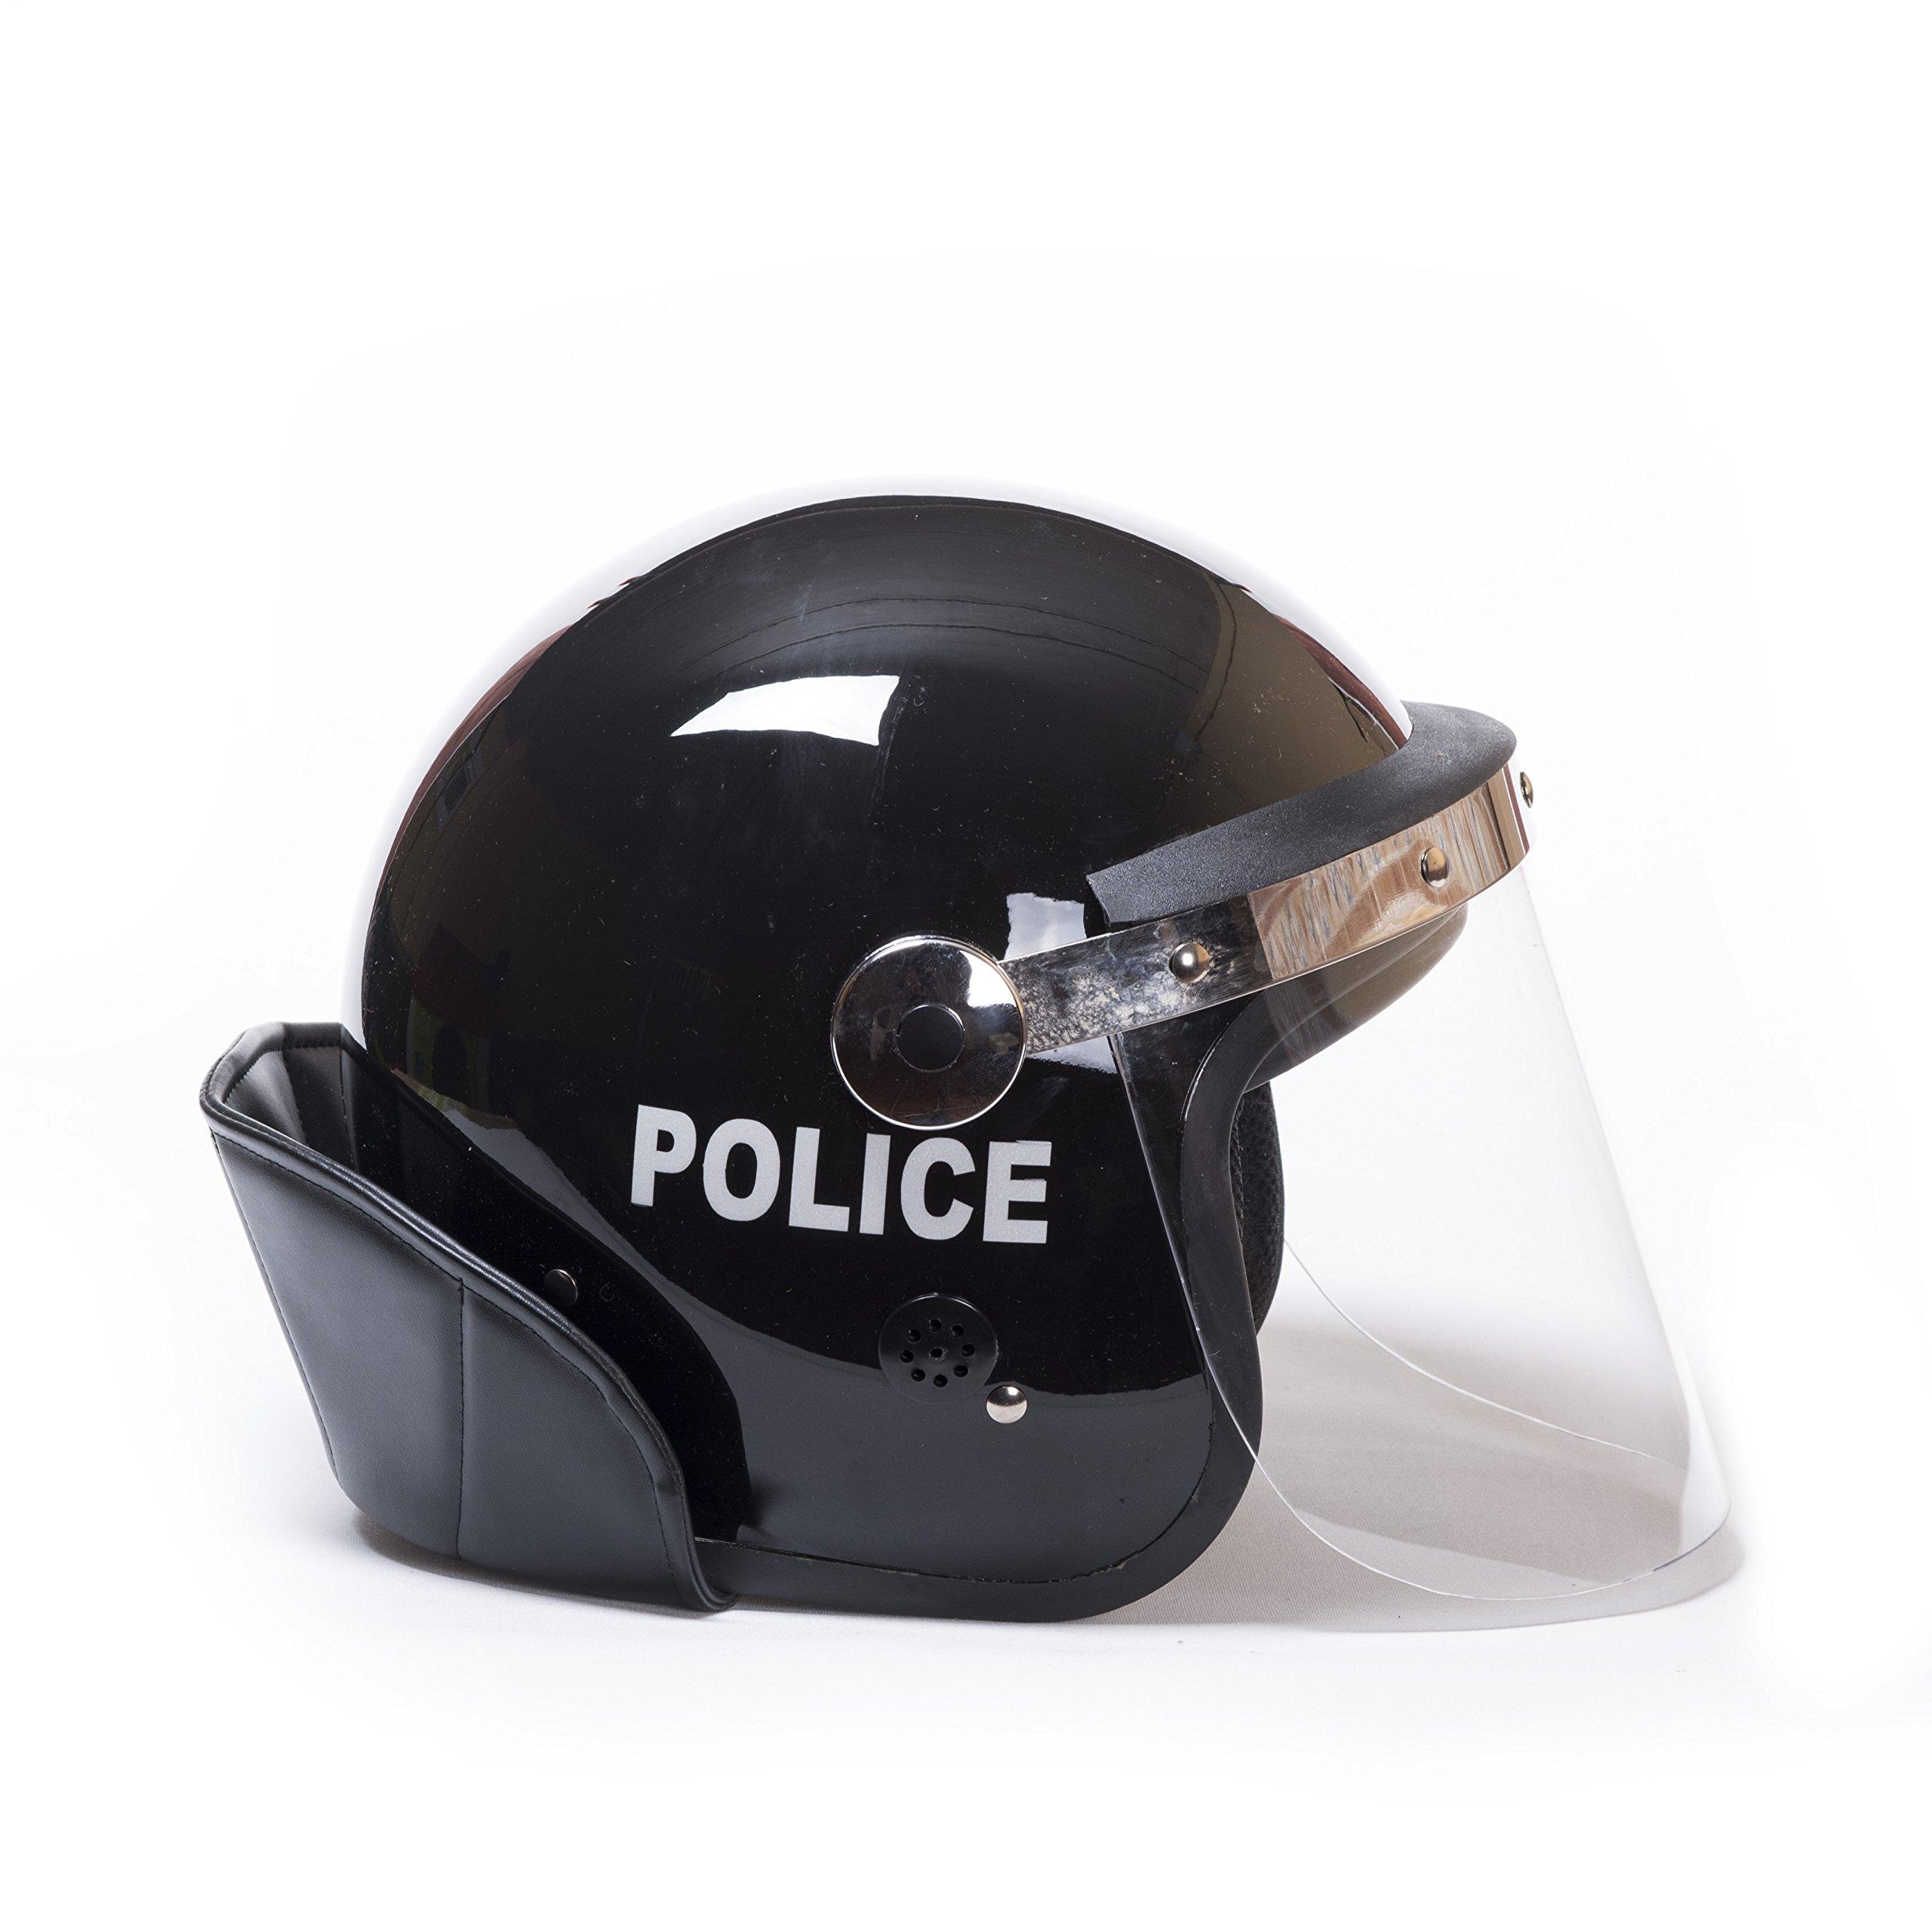 Militar-TLD Militar Policia táctico de Airsoft Paintball Casco Protector Máscara Policia Envio Desde España: Amazon.es: Deportes y aire libre